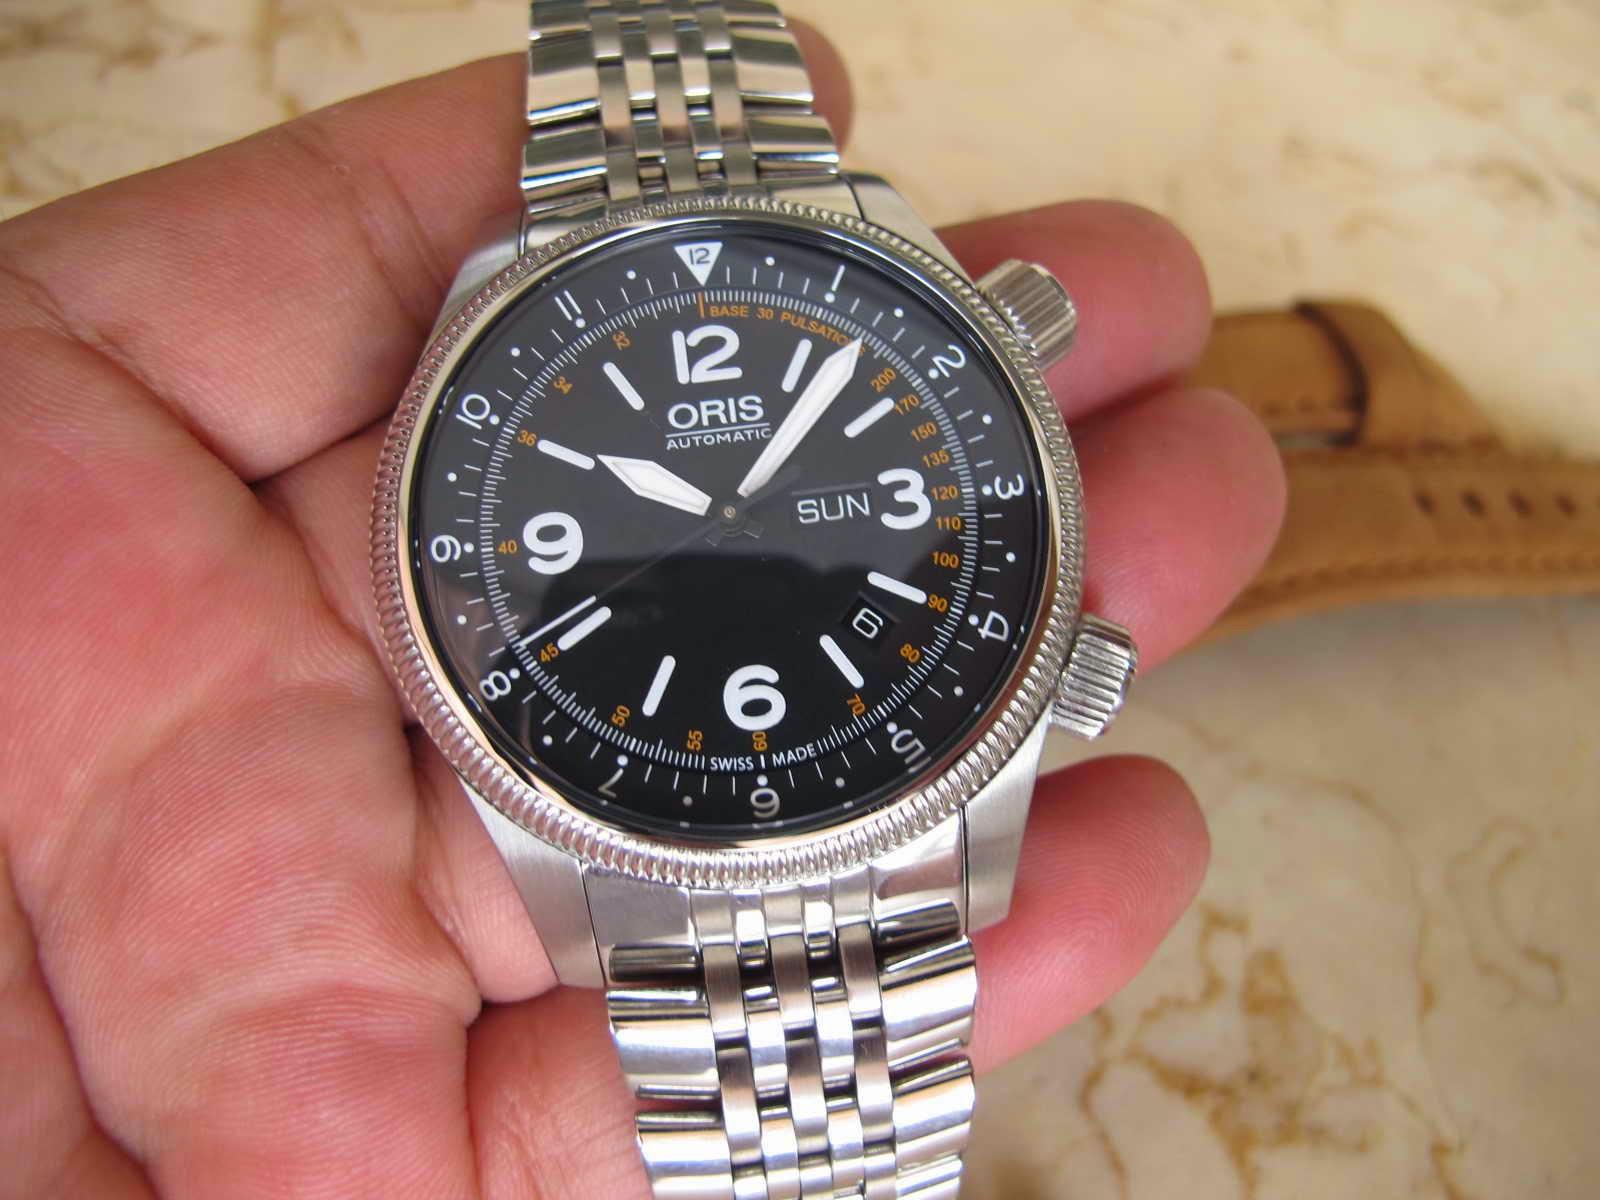 Jam disertakan dengan bracelet dan bonus leather strap Cocok untuk Anda yang sedang mencari jam tangan produksi terbatas Limited Edition